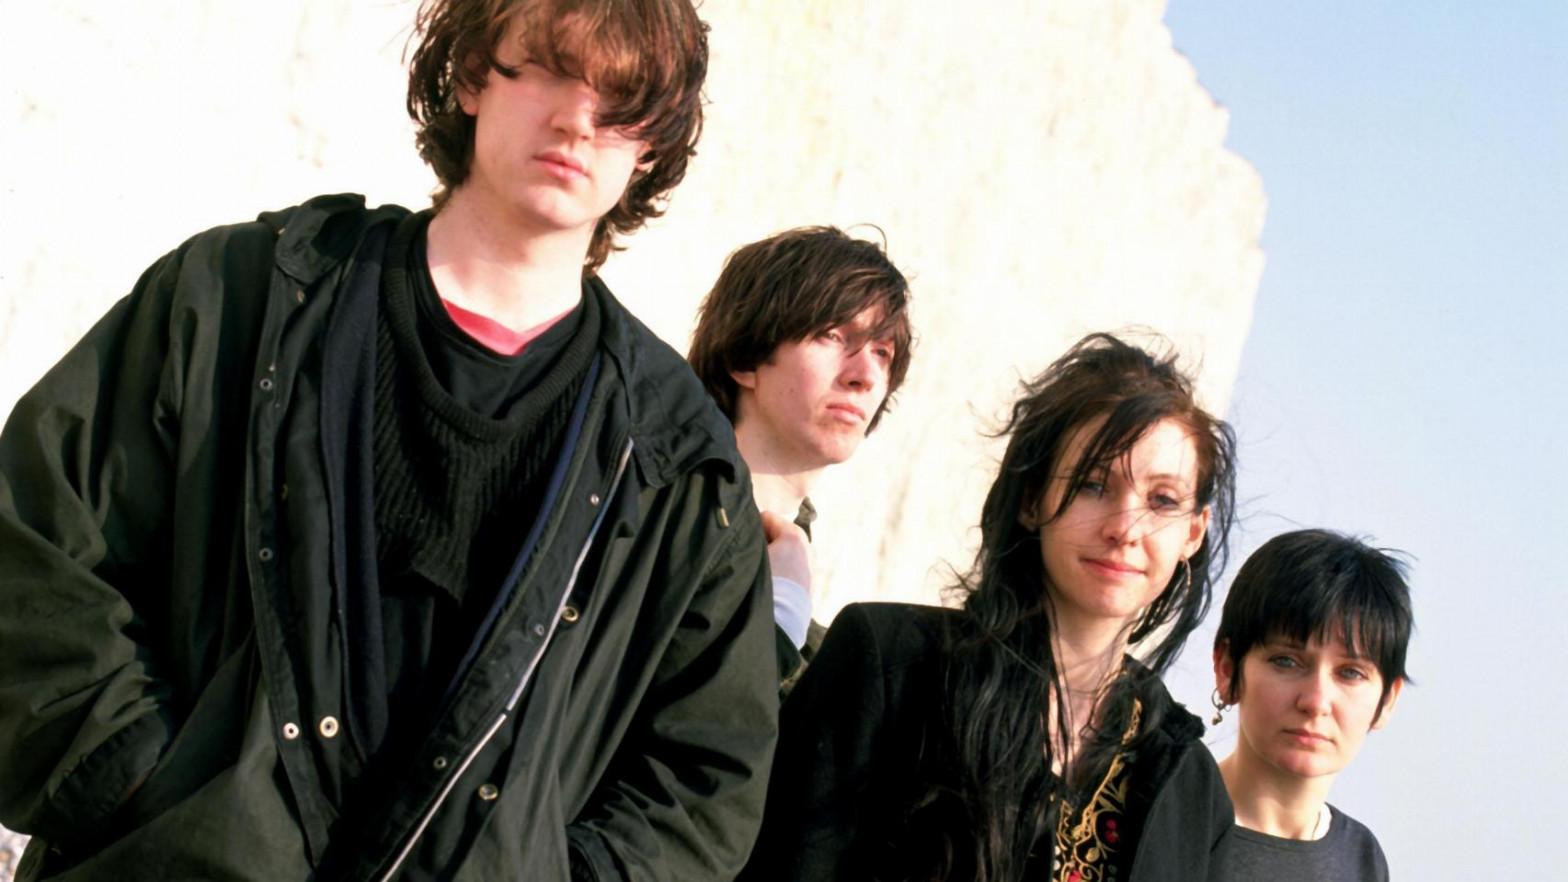 Kevin Shilelds (primero por la izquierda) posando con el resto de My Bloody Valentine